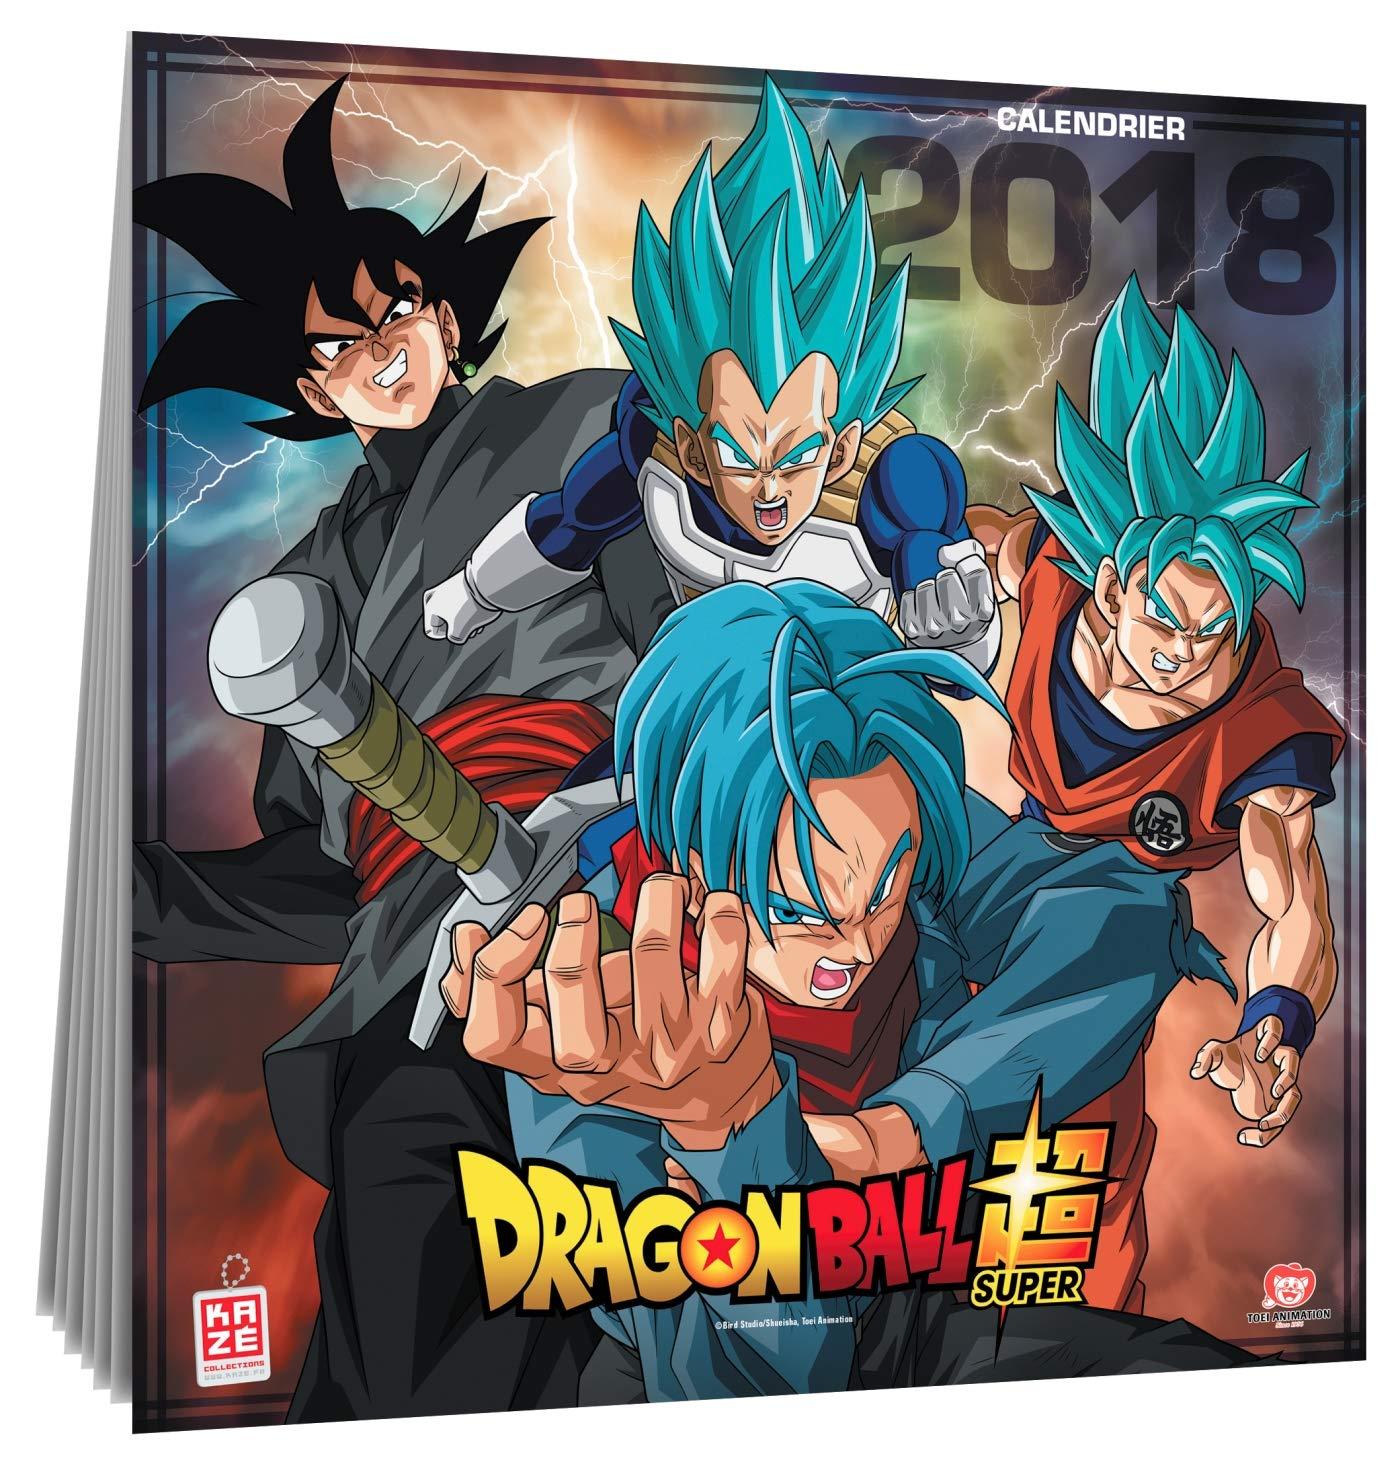 Calendario Dragon Ball Super 2018 (idioma español no ...